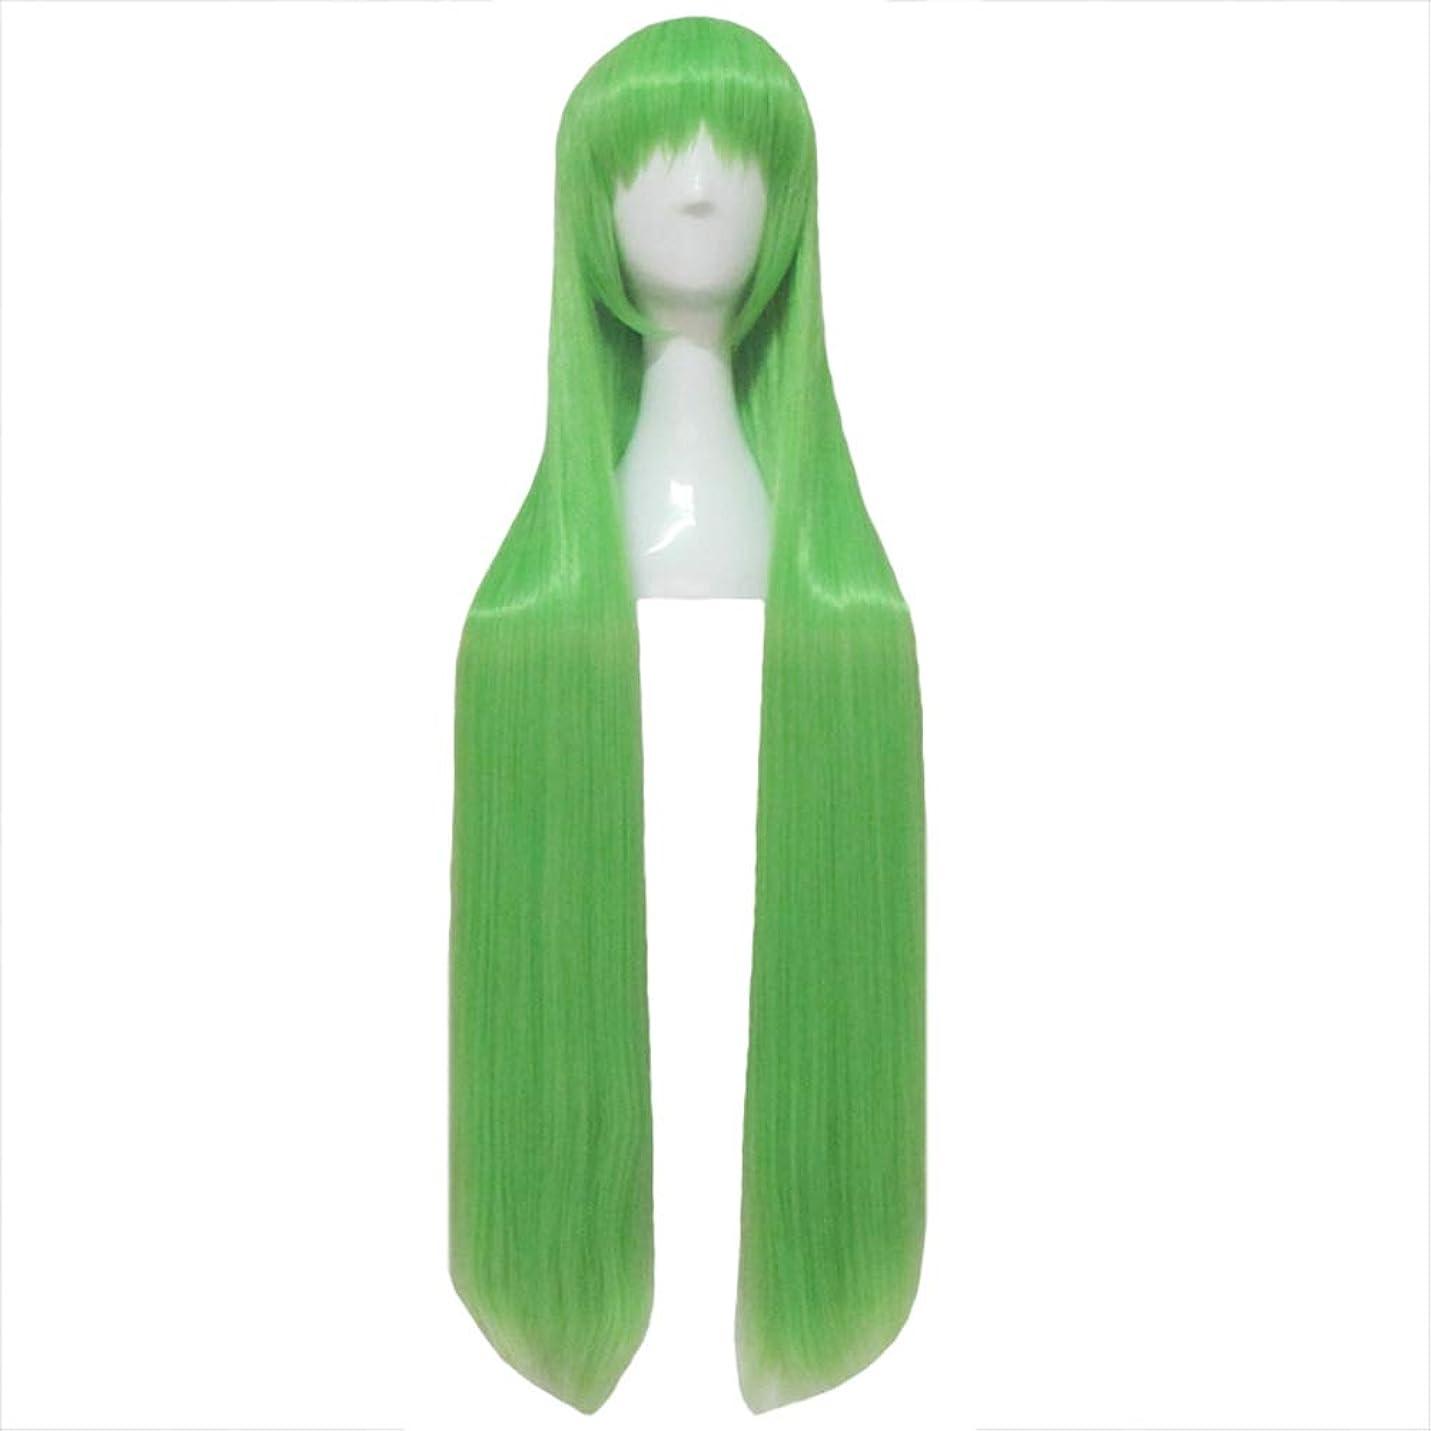 柔和ナンセンス歌うウィッグ - ファッションショートストレート高温シルクかつらロールプレイングハロウィンボールのシンプルなパーソナリティ自然なソフトバングは、緑100cmを形作るために自由にすることができます (色 : Green, サイズ さいず : 100cm)